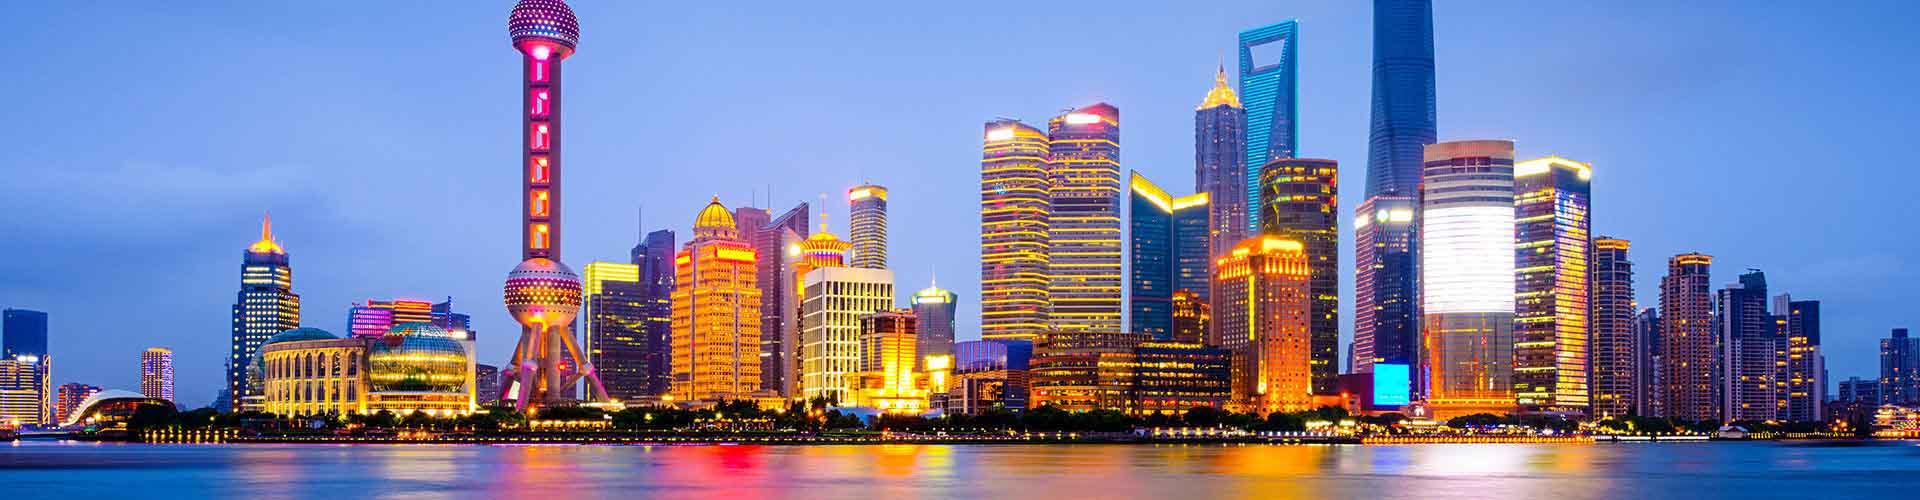 Shanghai – Hotellit lähellä maamerkkiä Shanghai Hongqiao kansainvälinen lentokenttä. Shanghai -karttoja, valokuvia ja arvosteluja kaikista Shanghai -hotelleista.